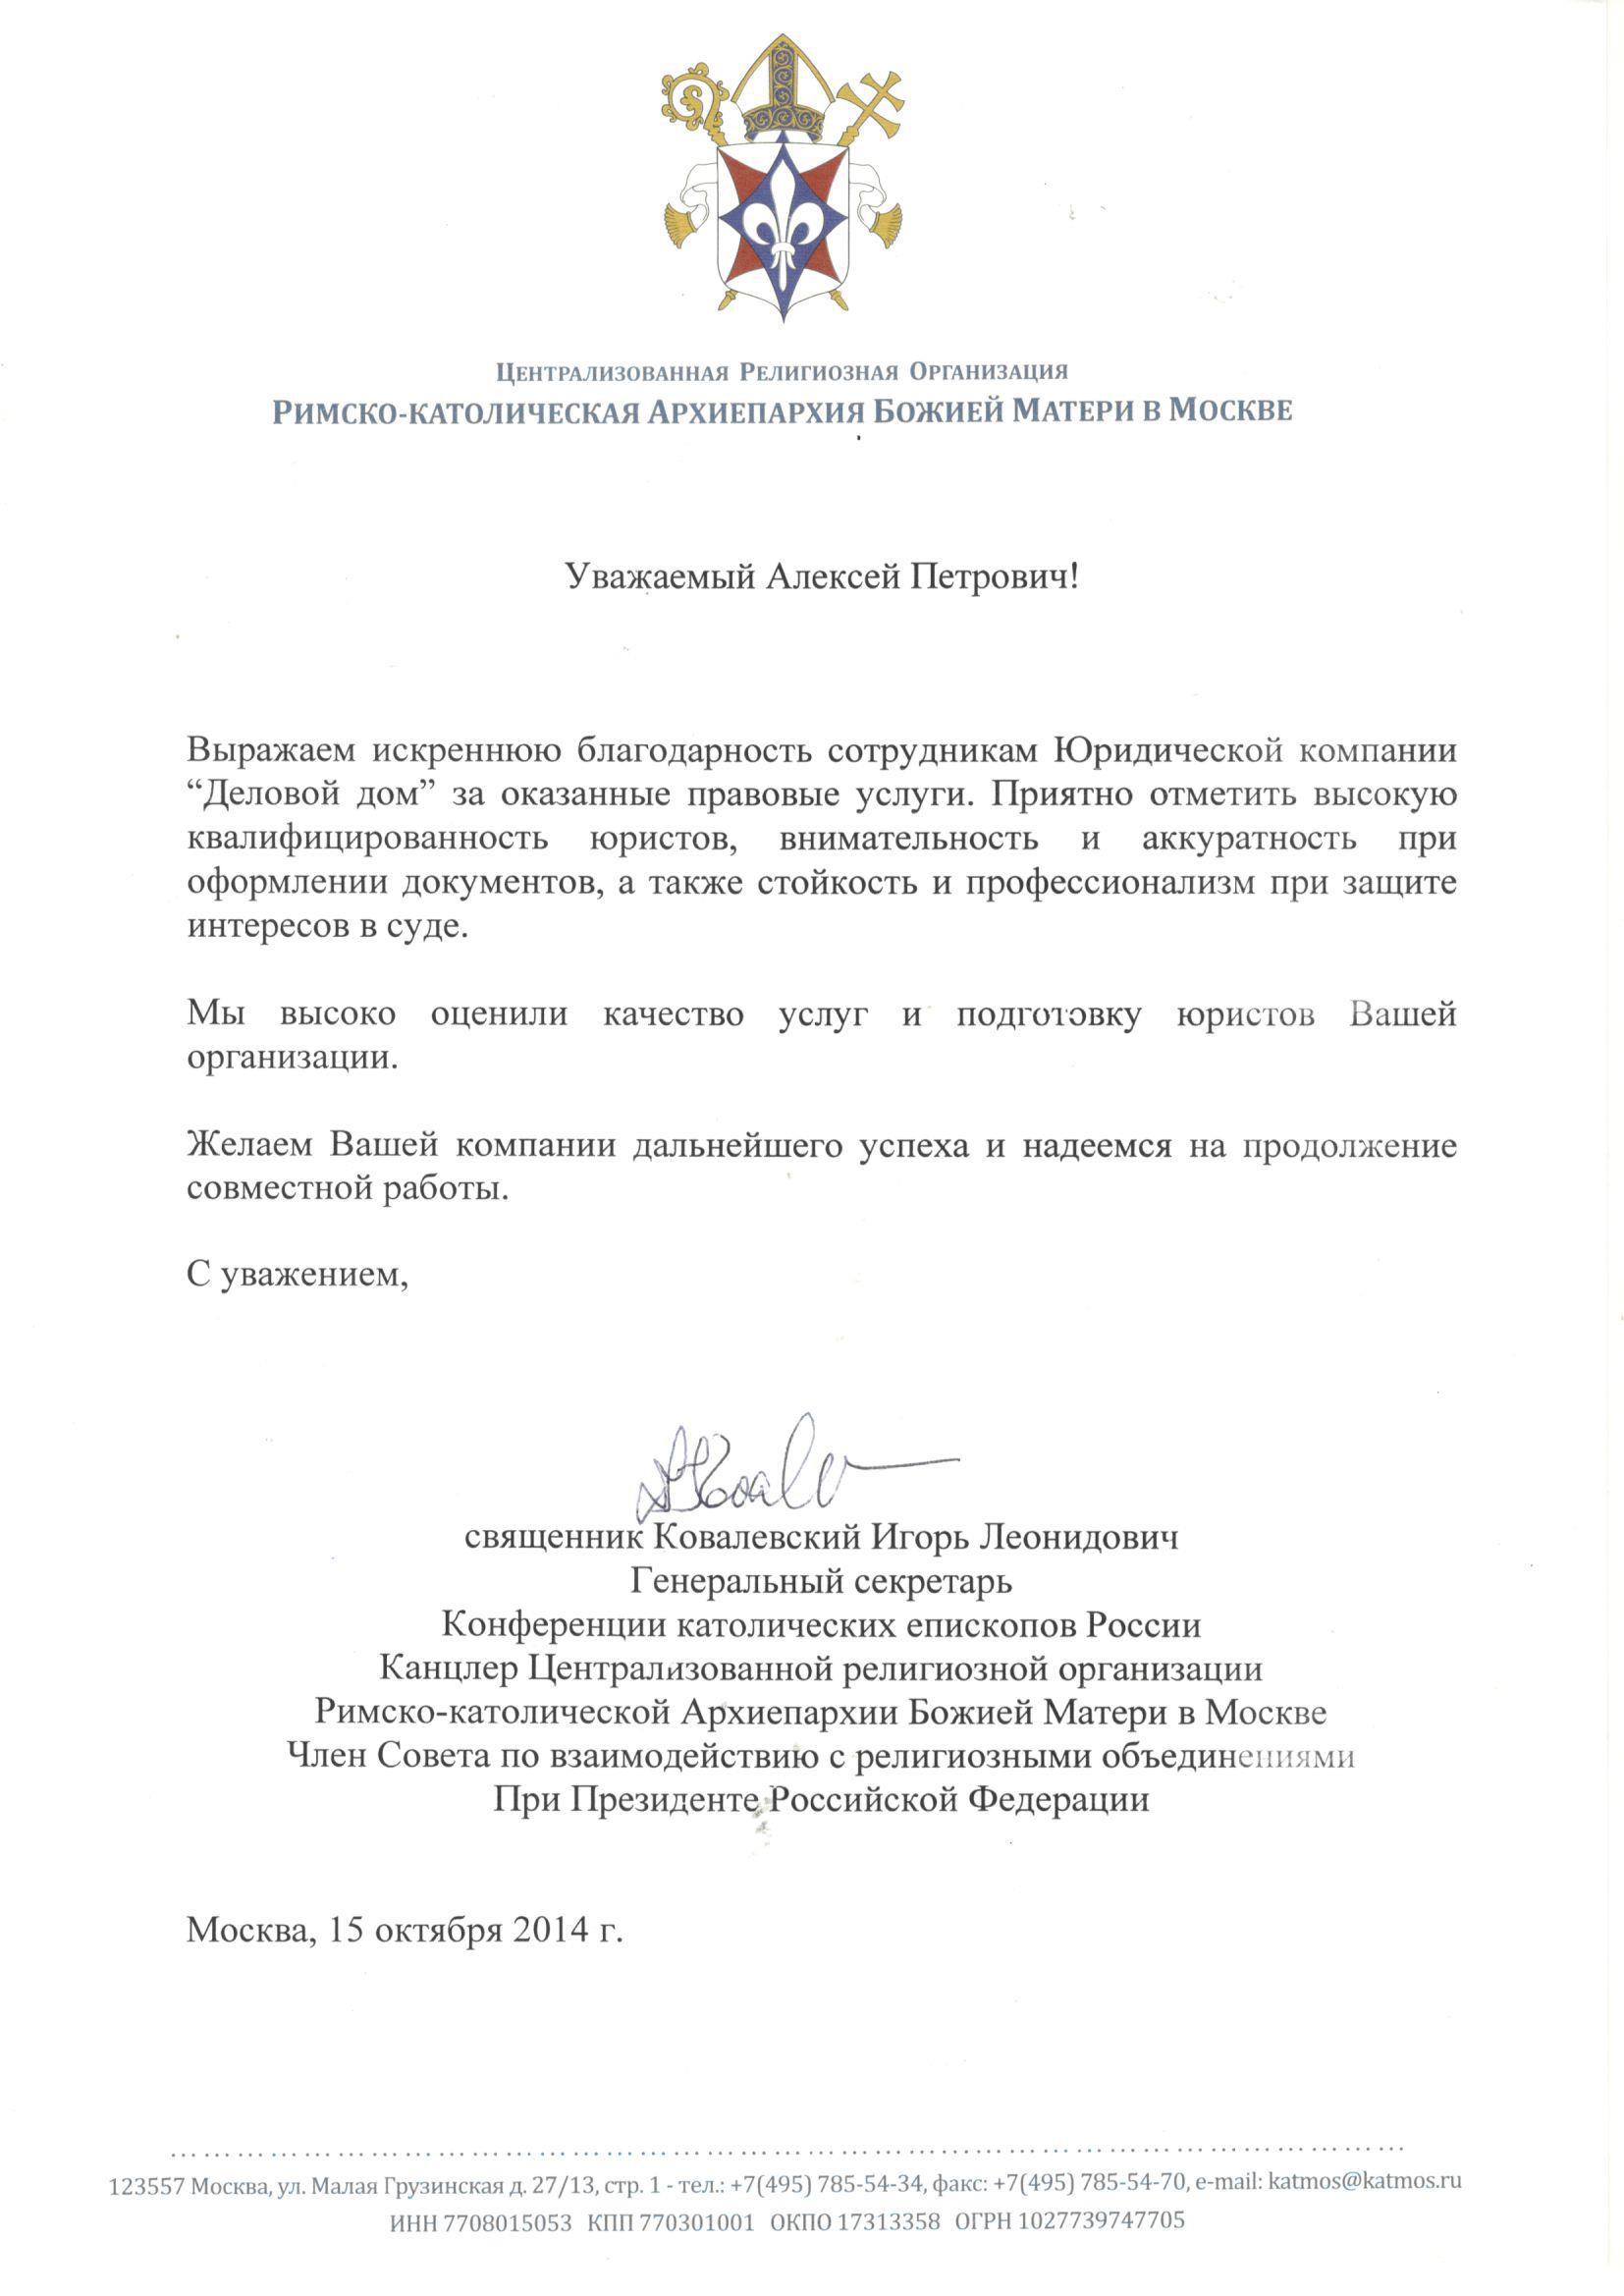 ЦРО Римско-католическая Архиепархия Божией Матери в Москве